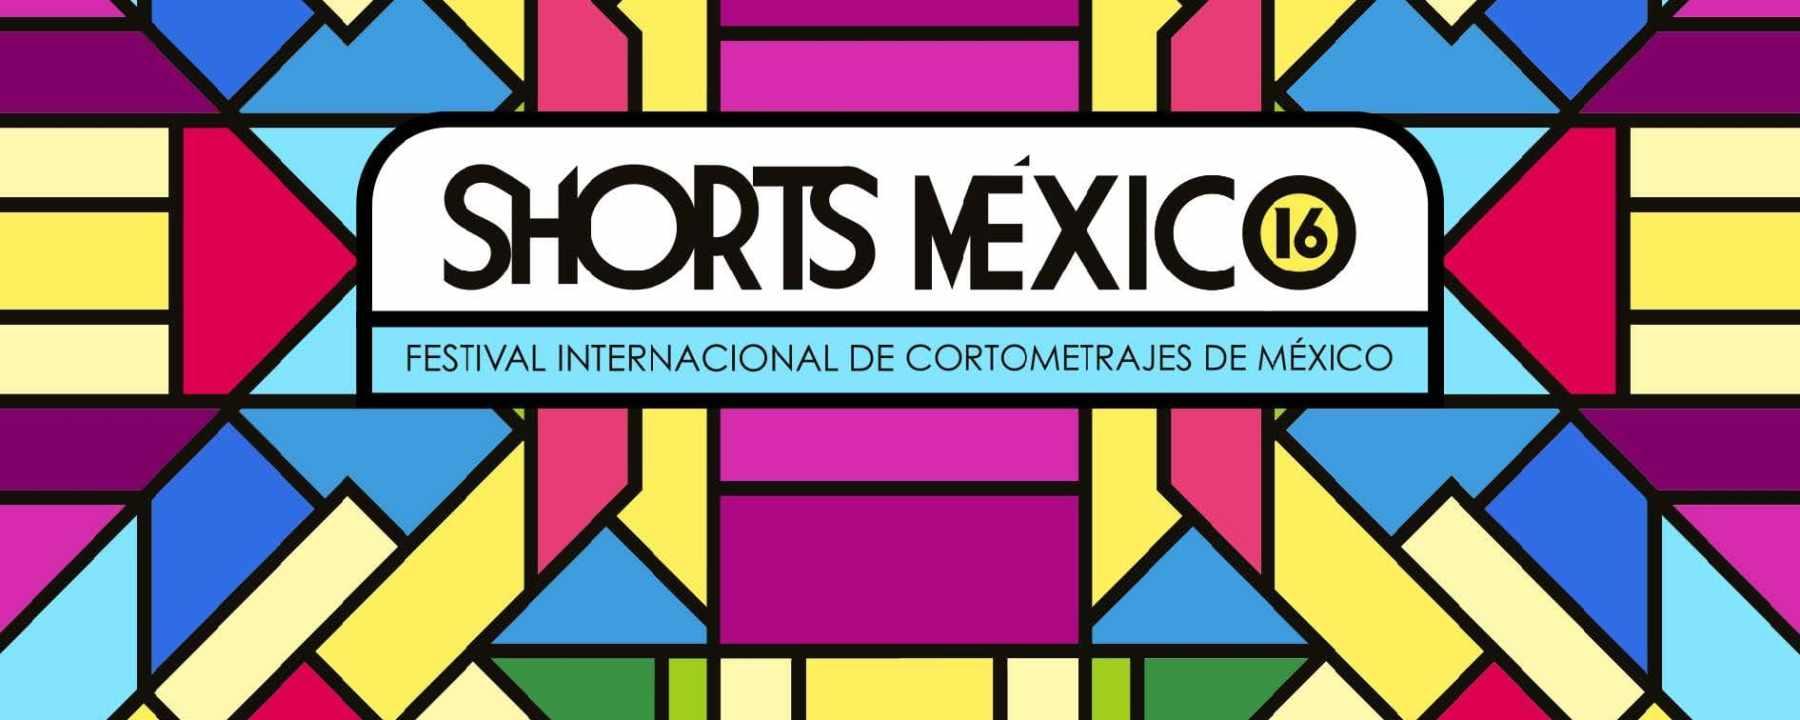 Shorts México 2021 exhibirá más de 600 cortometrajes